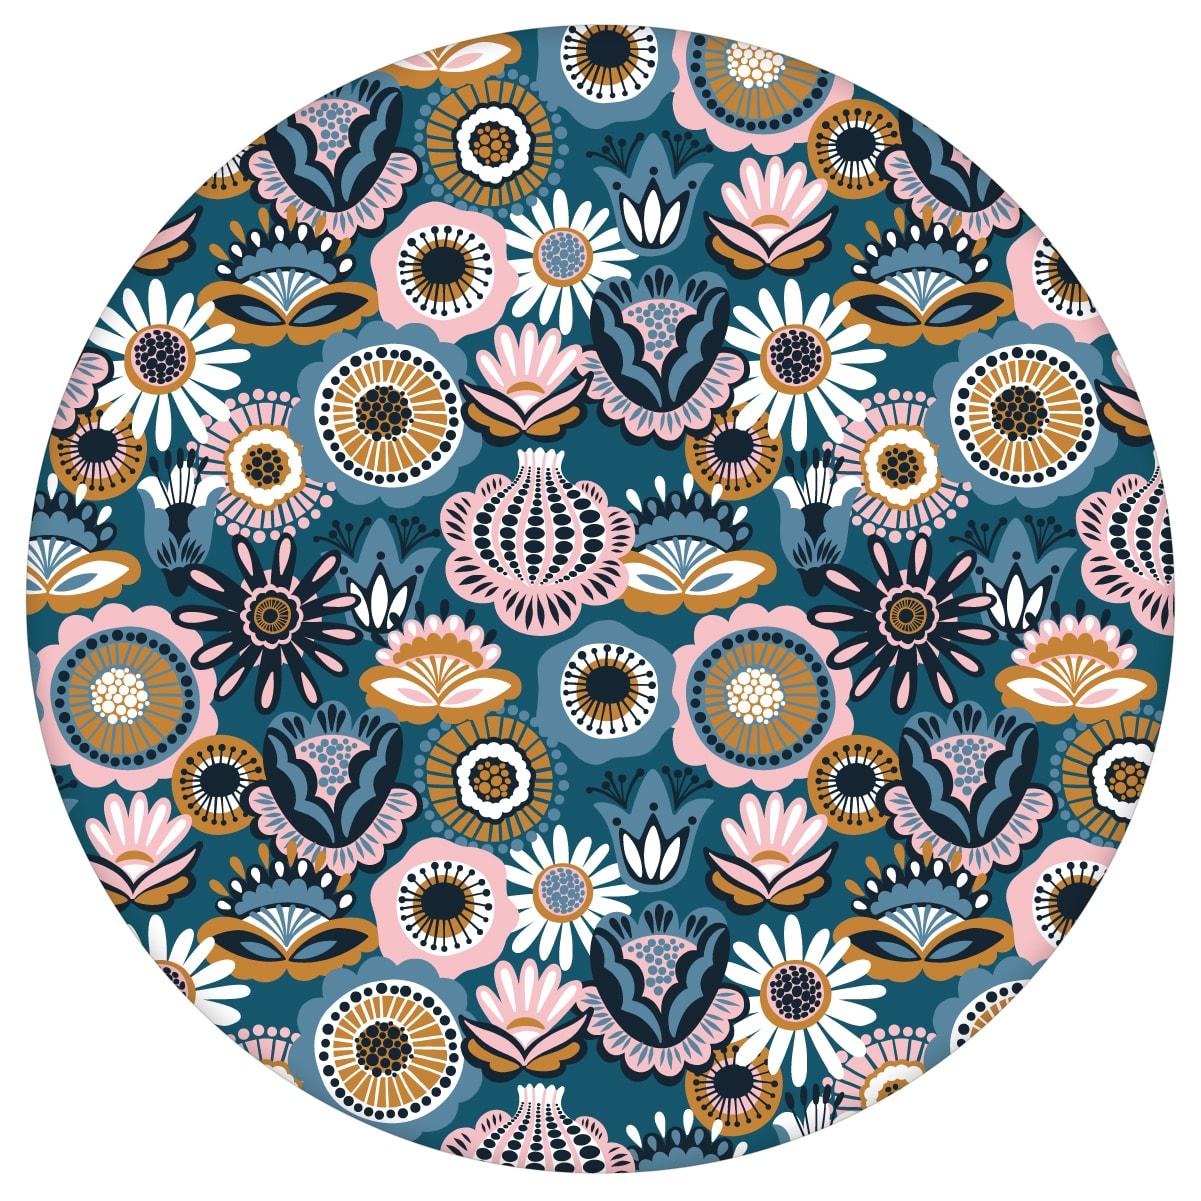 """Florale Tapete """"Bauerngarten"""" Blüten im Folklore Stil, petrol blaue Vlies-Tapete für Wohnzimmeraus dem GMM-BERLIN.com Sortiment: blaue Tapete zur Raumgestaltung: #00130 #Bauerngarten #Blaue Tapete #blueten #blumen #Blumentapete #Folklore #garten #petrol #Wohnzimmer für individuelles Interiordesign"""